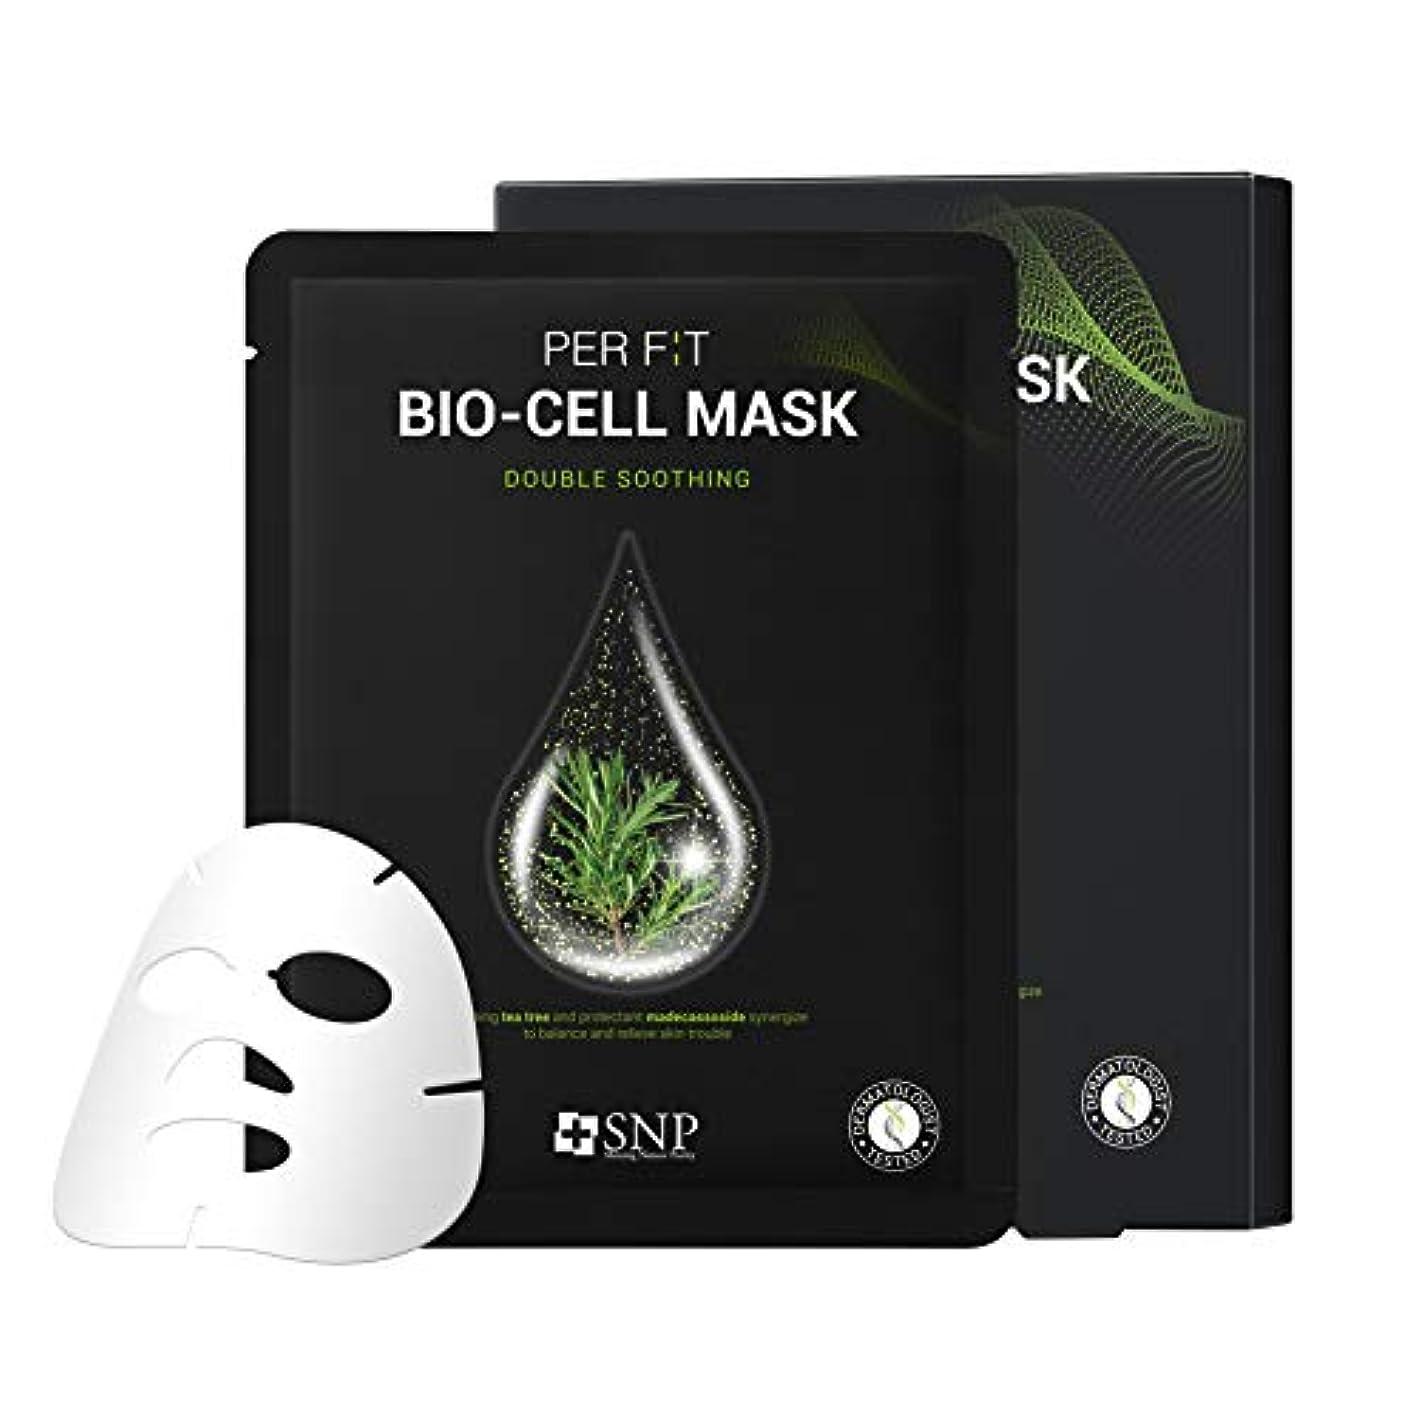 レコーダーフロンティア以上【SNP公式】 パーフィット バイオセルマスク ダブルスージング 5枚セット / PER F:T BIO-CELL MASK DOUBLE SOOTHING 韓国パック 韓国コスメ パック マスクパック シートマスク